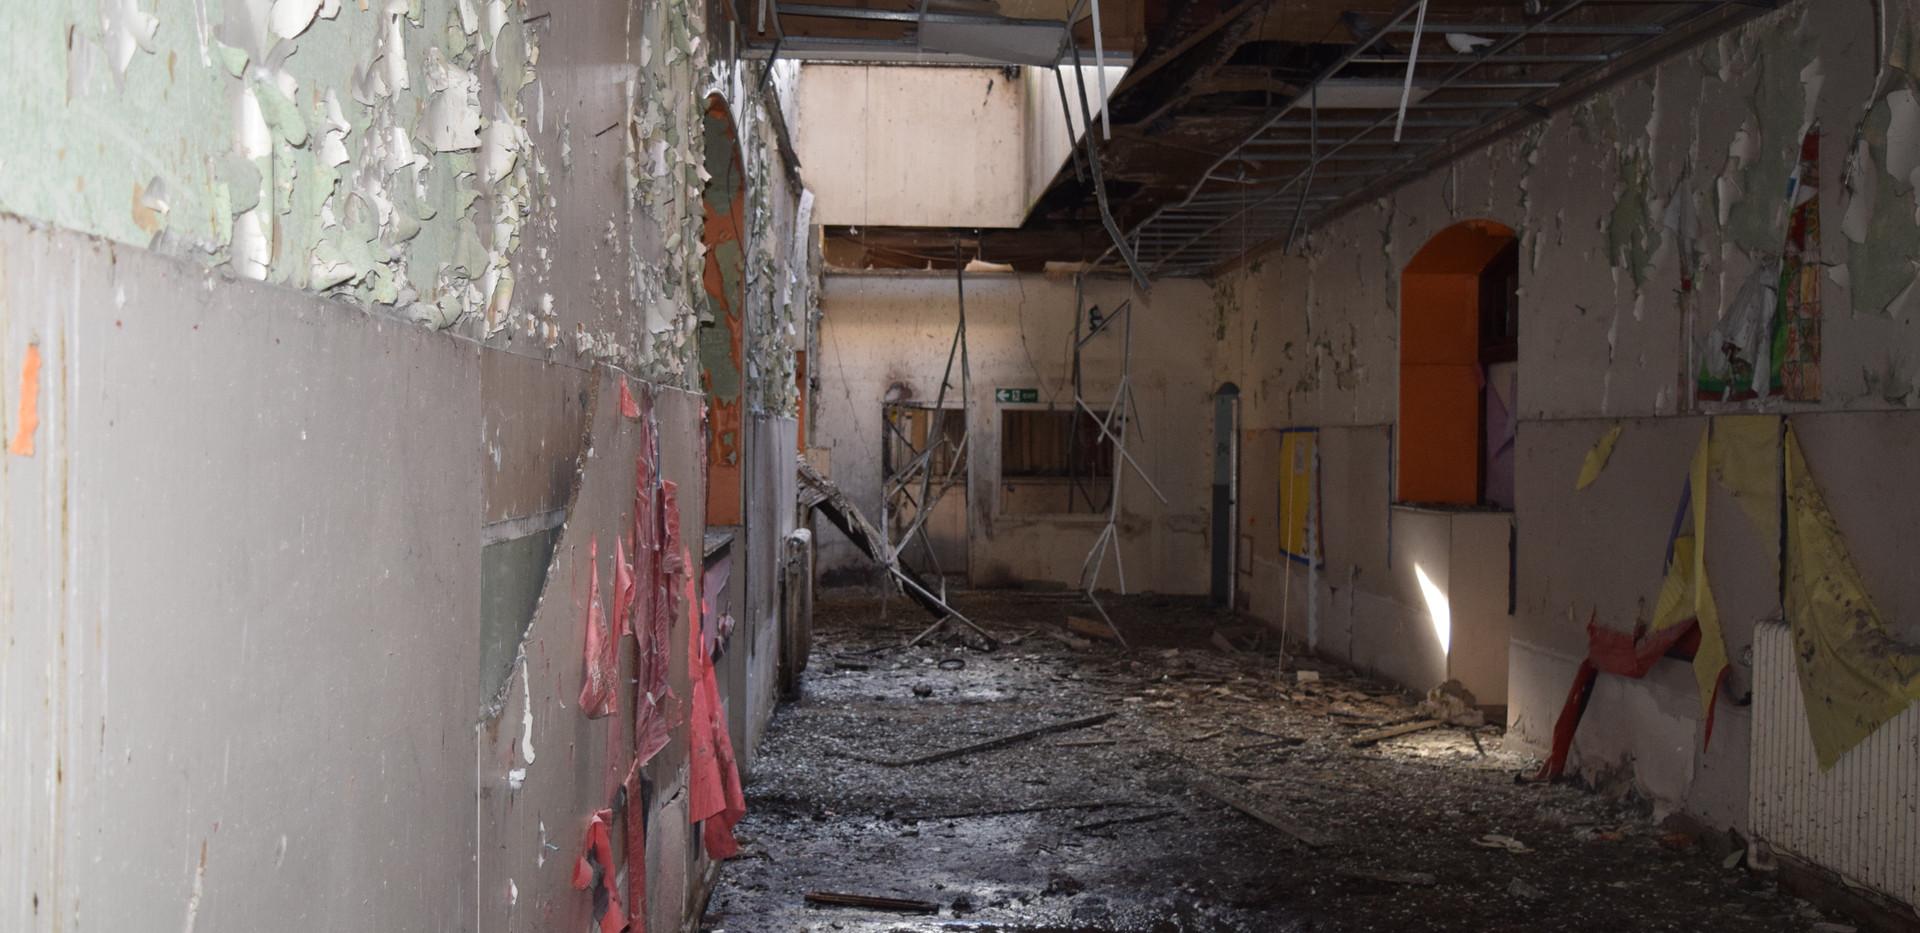 Interior of the Victoria Road School buildings